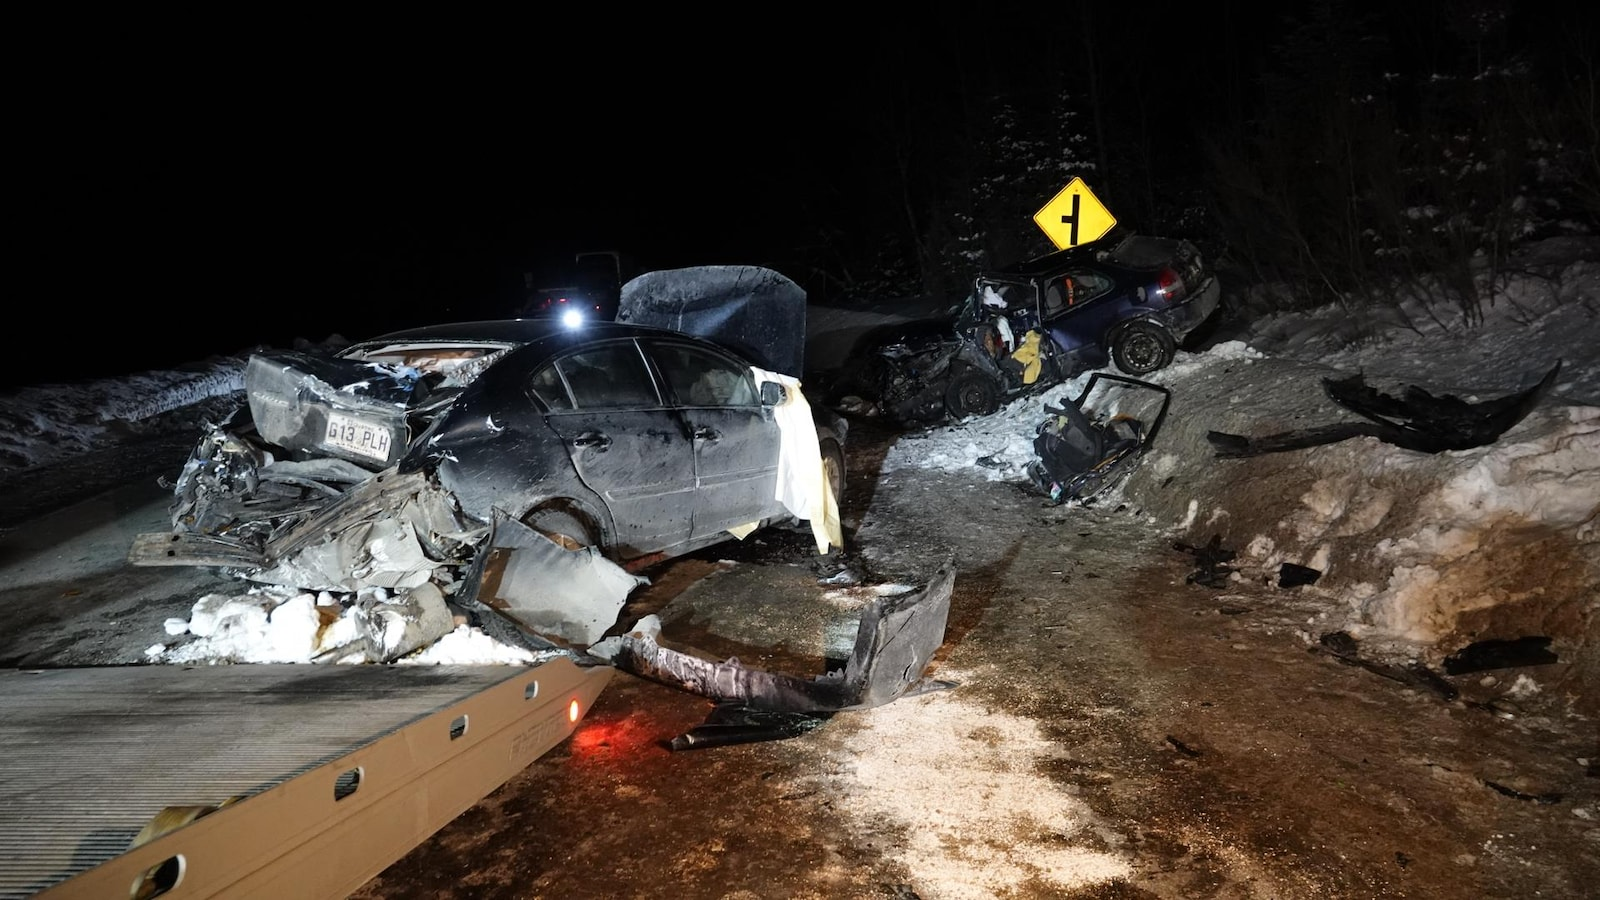 Les deux voitures après l'accident sont démolies. Elles sont immobilisées au travers de la route.